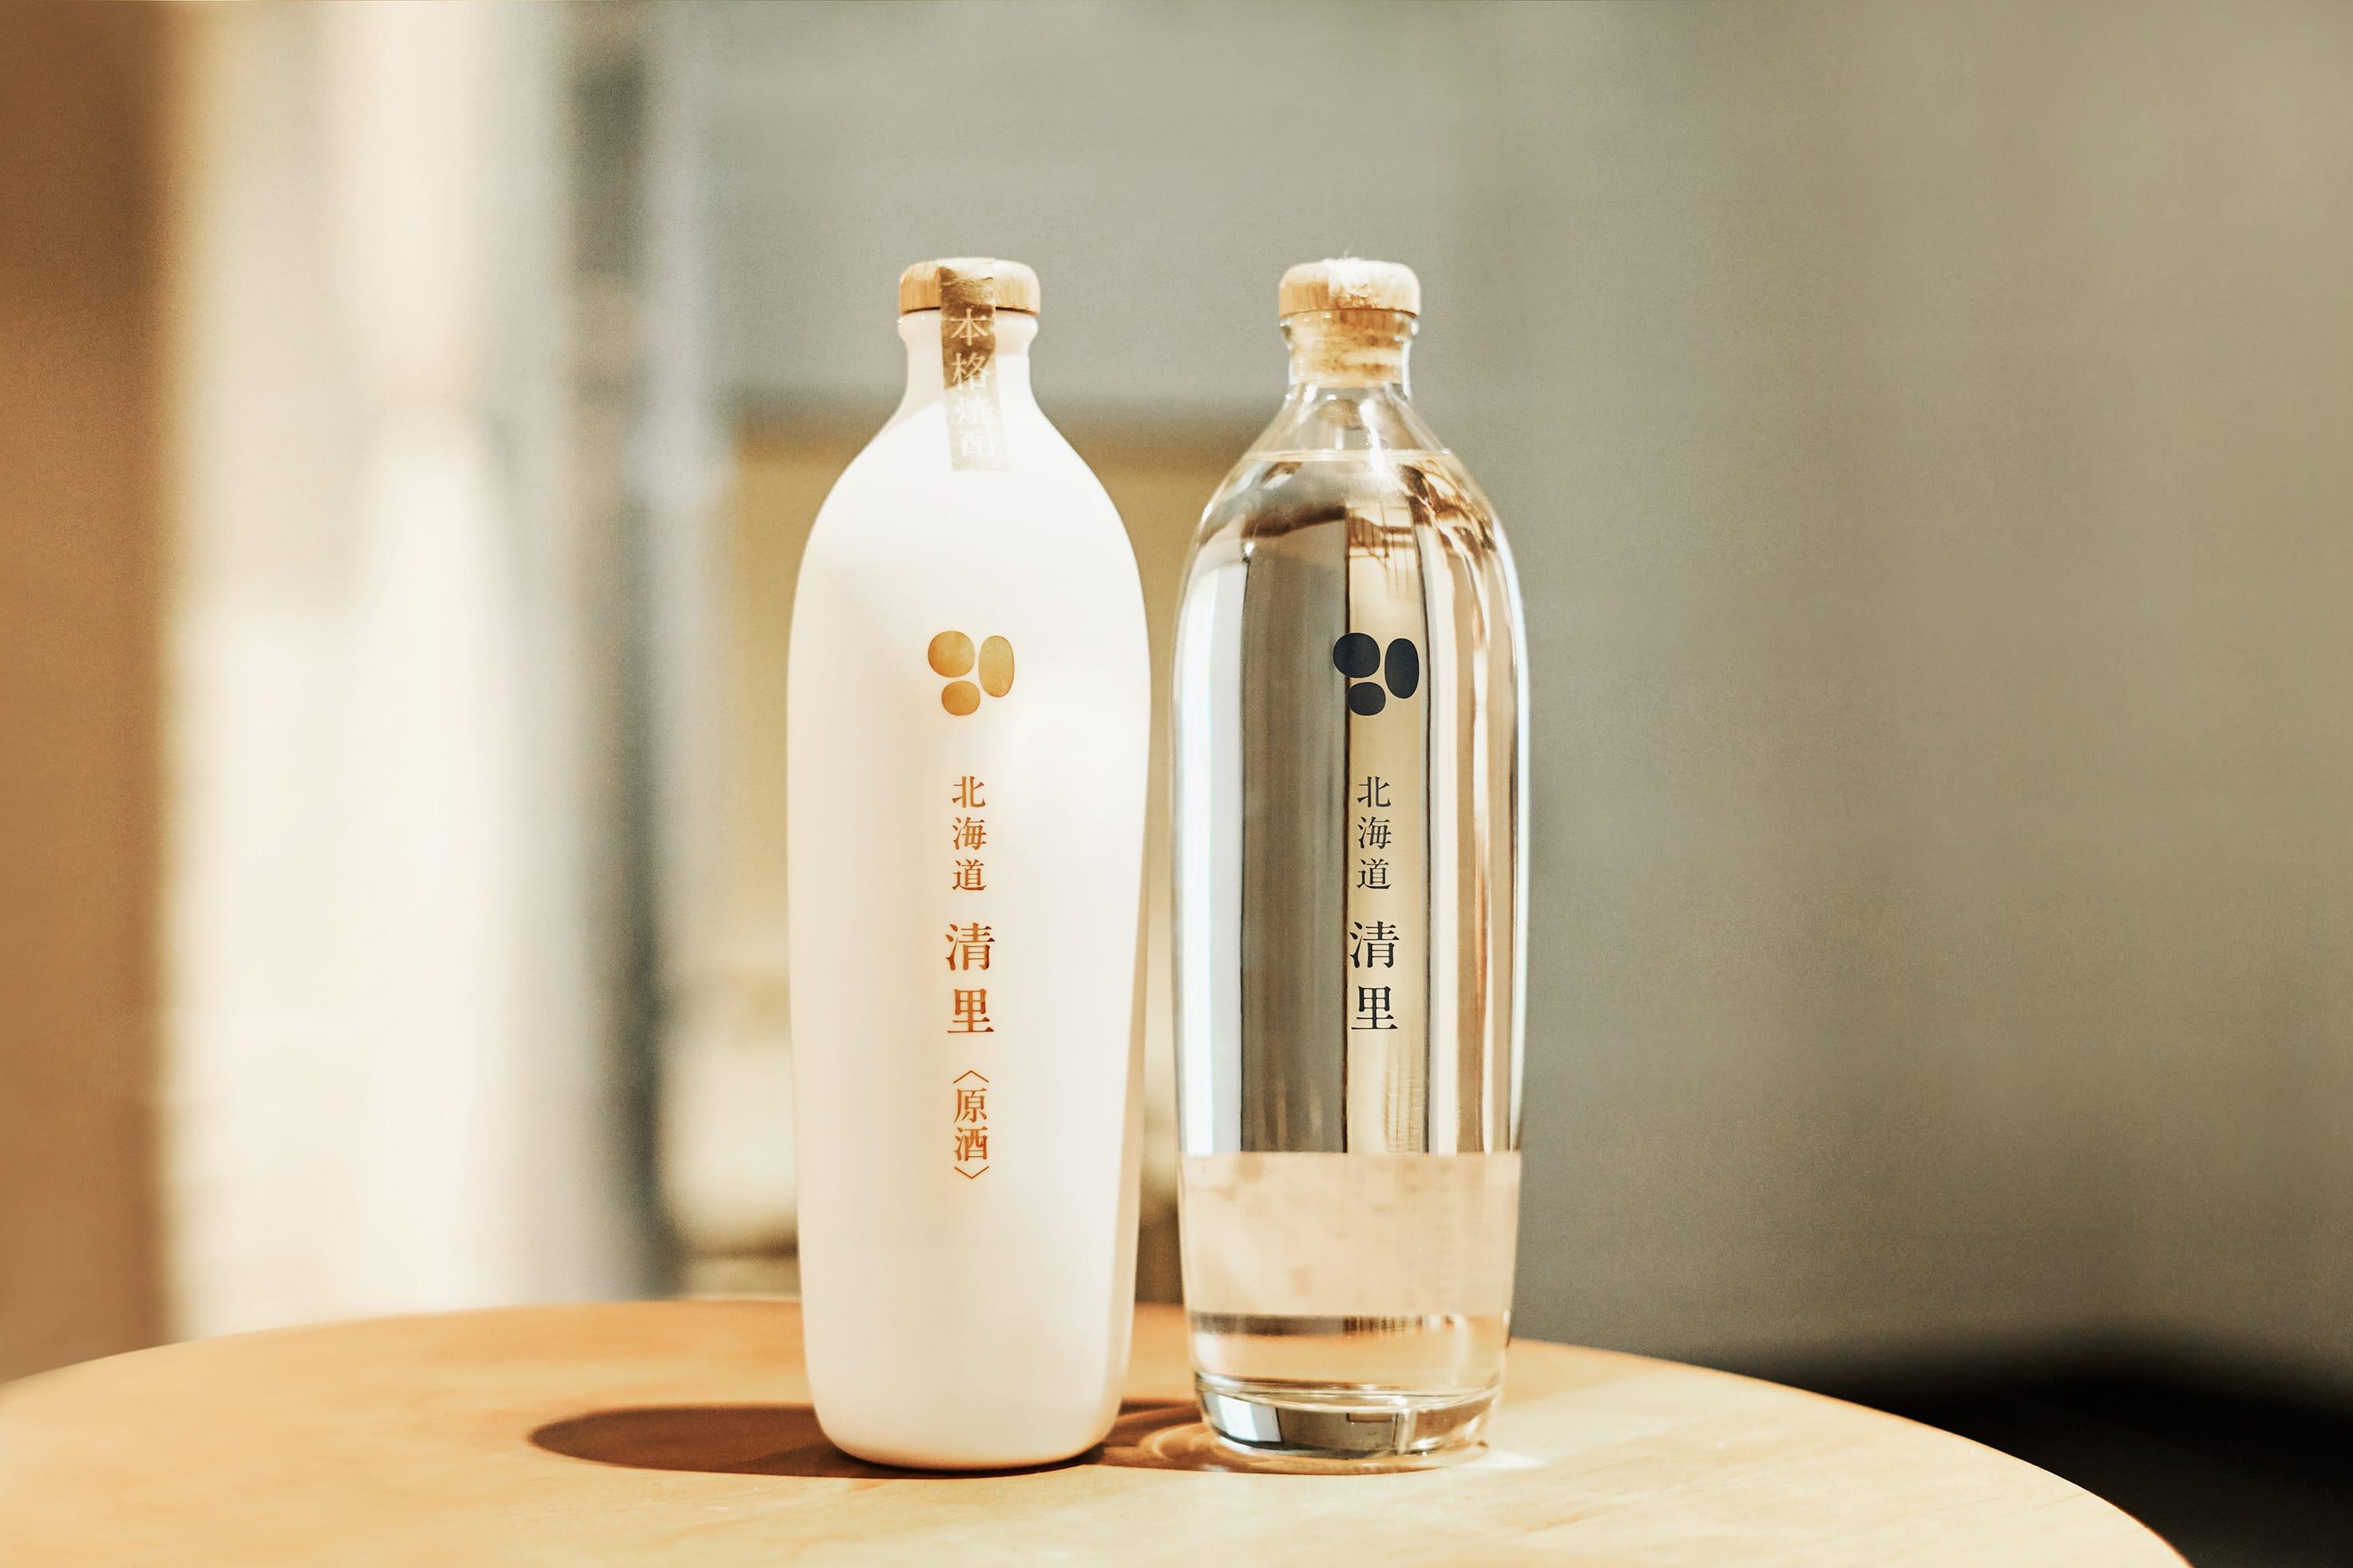 会場では天宅さんがパッケージデザインを担当した、じゃがいも焼酎「北海道 清里」が振る舞われた。